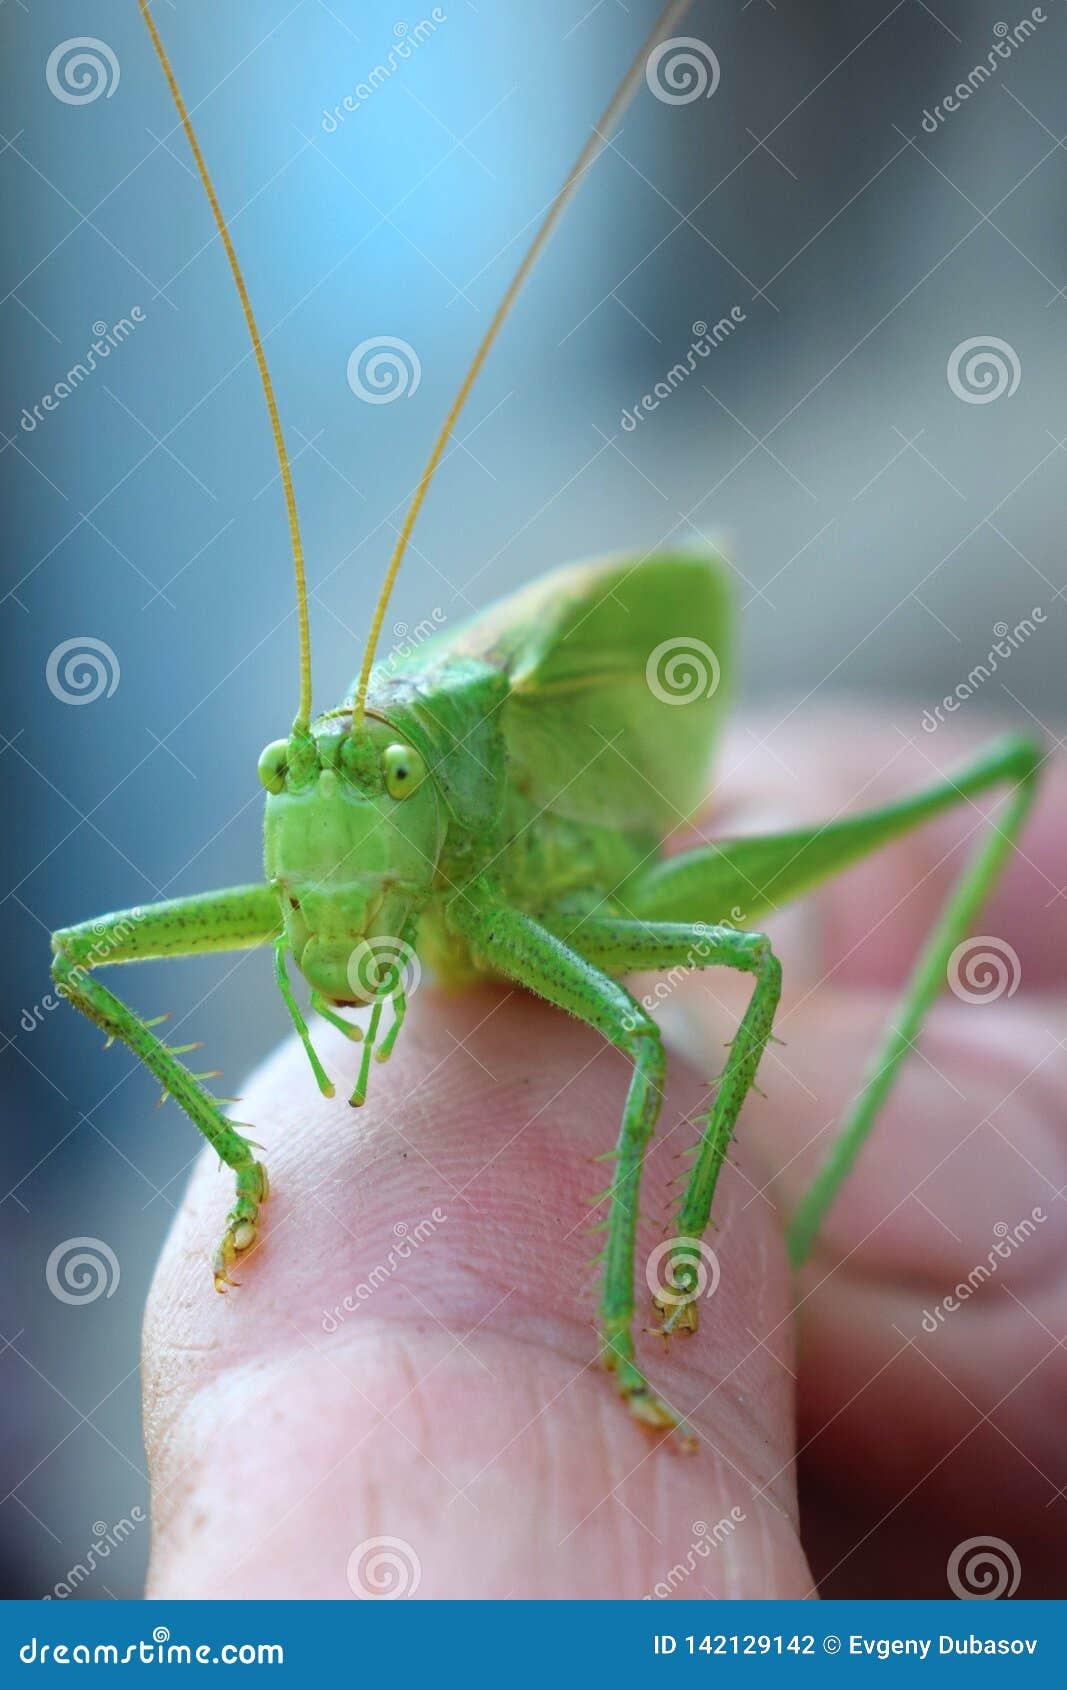 Close-up groene sprinkhaan op een vinger met grote ogen